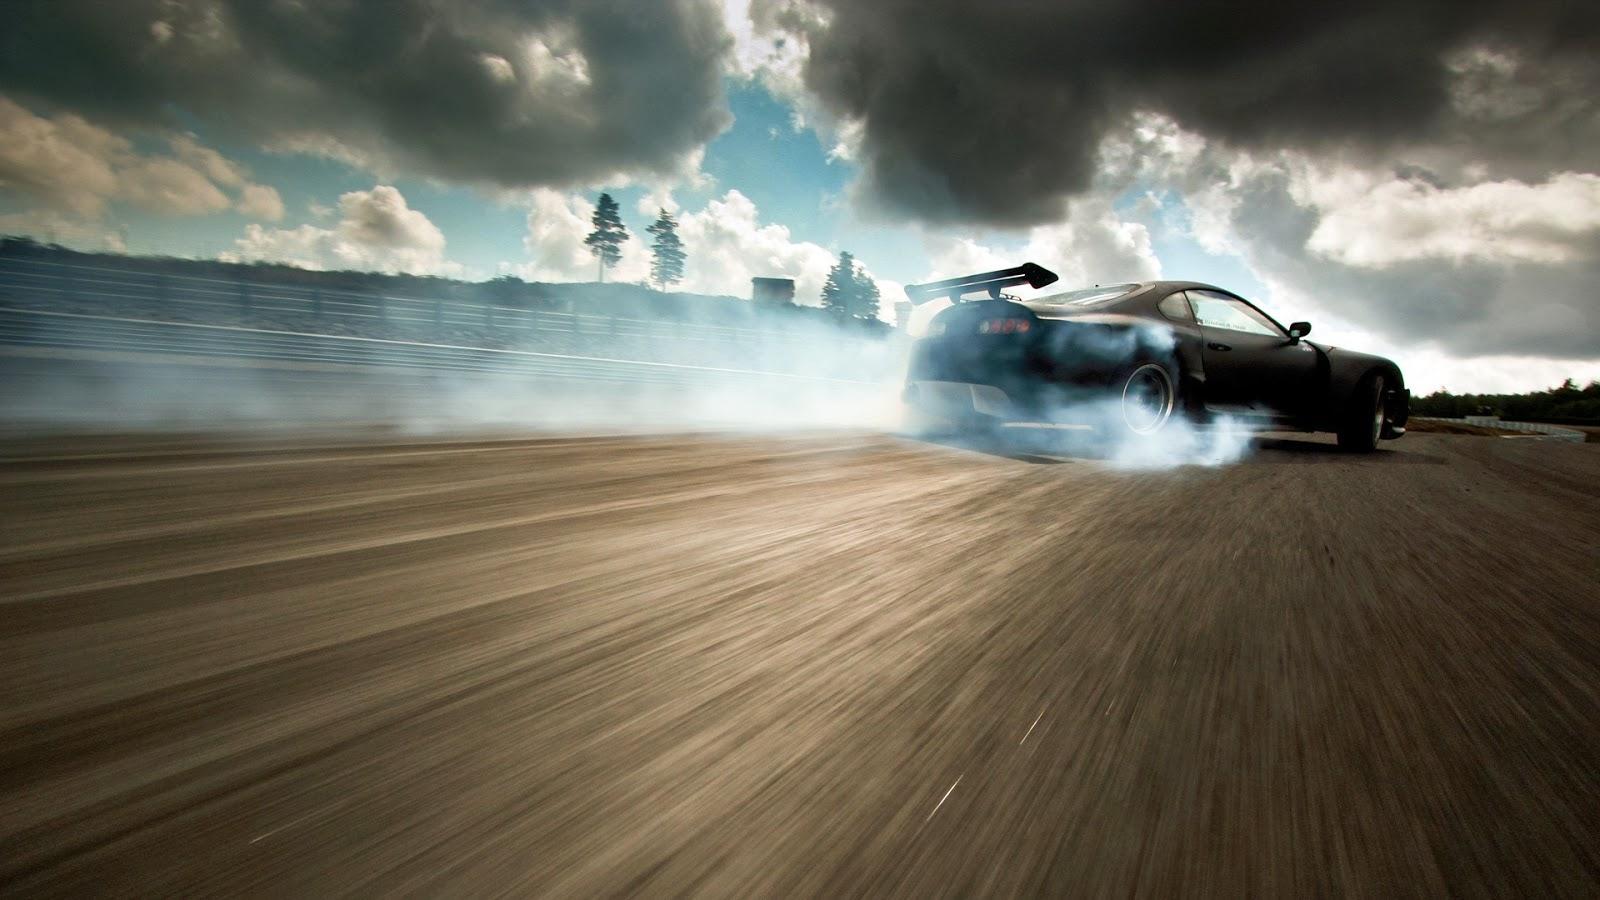 https://3.bp.blogspot.com/-i1PMY2Hmung/UxZOYY9kUCI/AAAAAAAAYnU/m888eM-d_ak/s1600/drift-drifting-car-389395.jpg